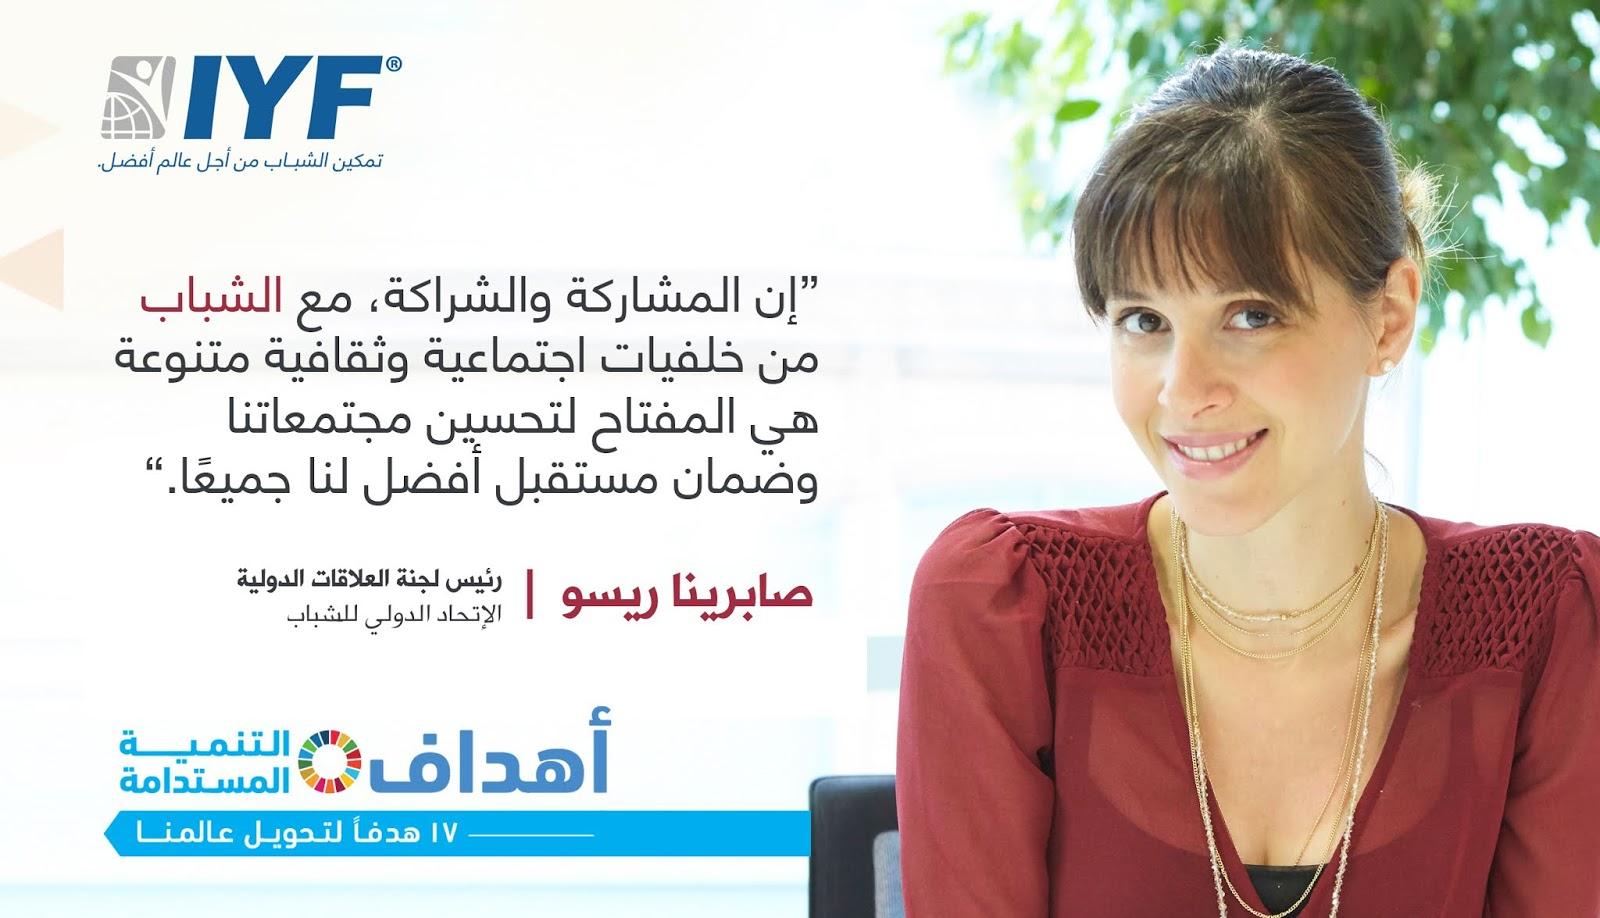 صابرينا ريسو، رئيس الجنة العلاقات الدولية - الإتحاد الدولي للشباب